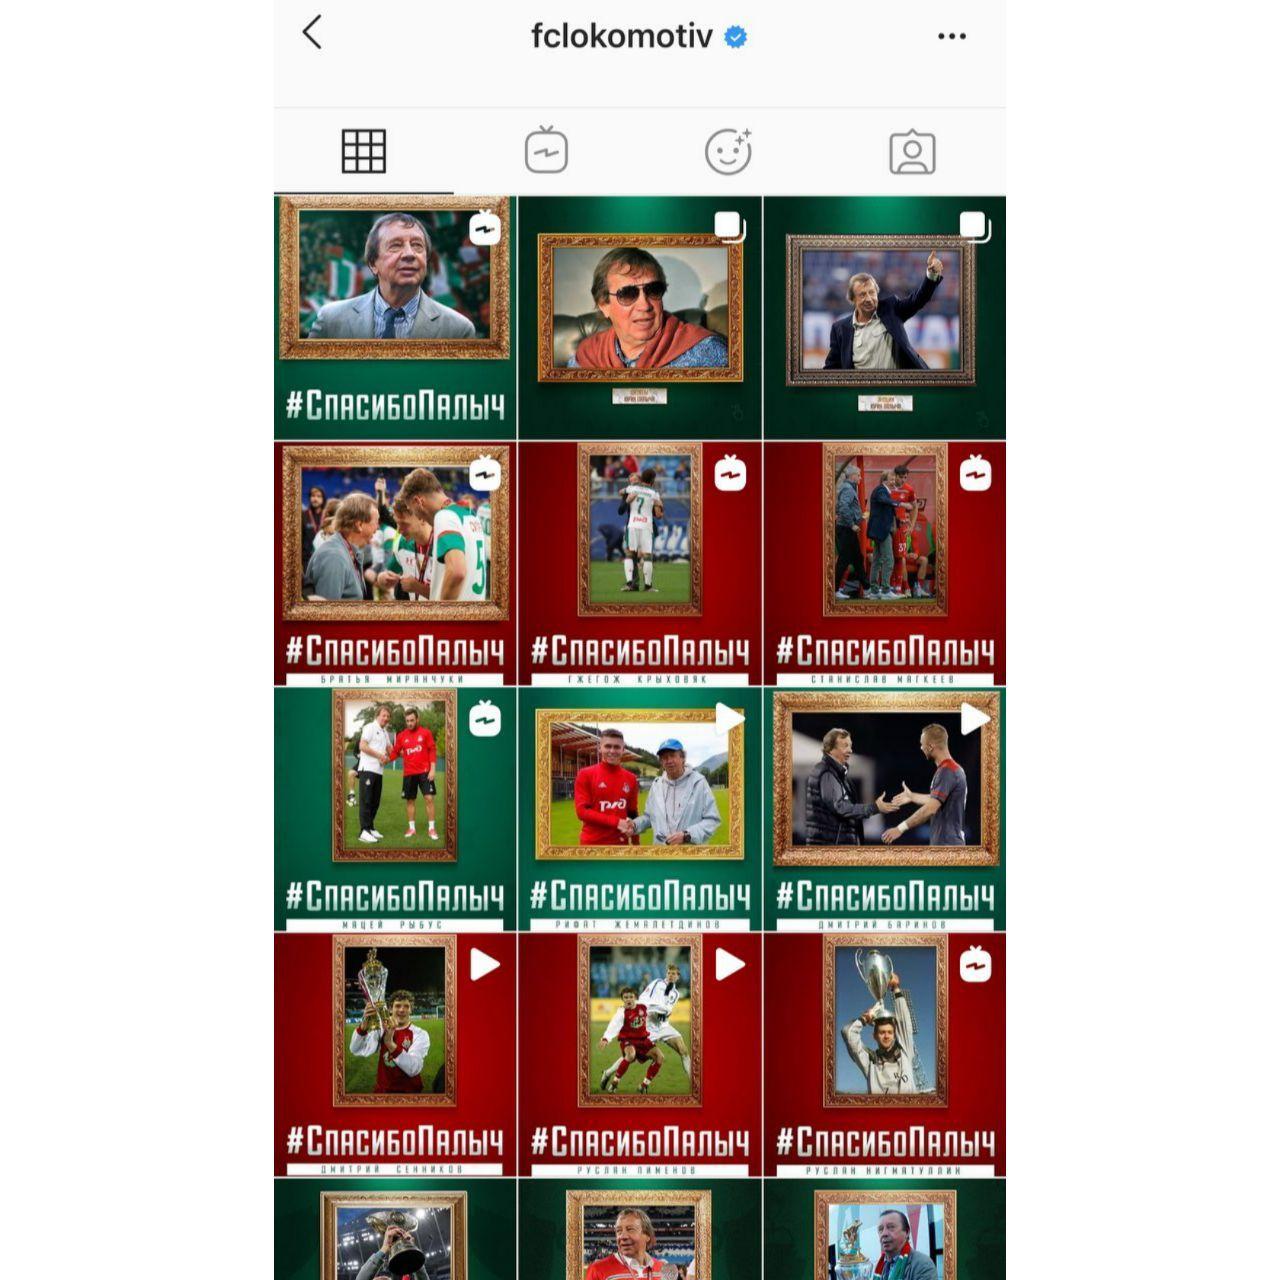 Скриншот © Instagram / fclokomotiv